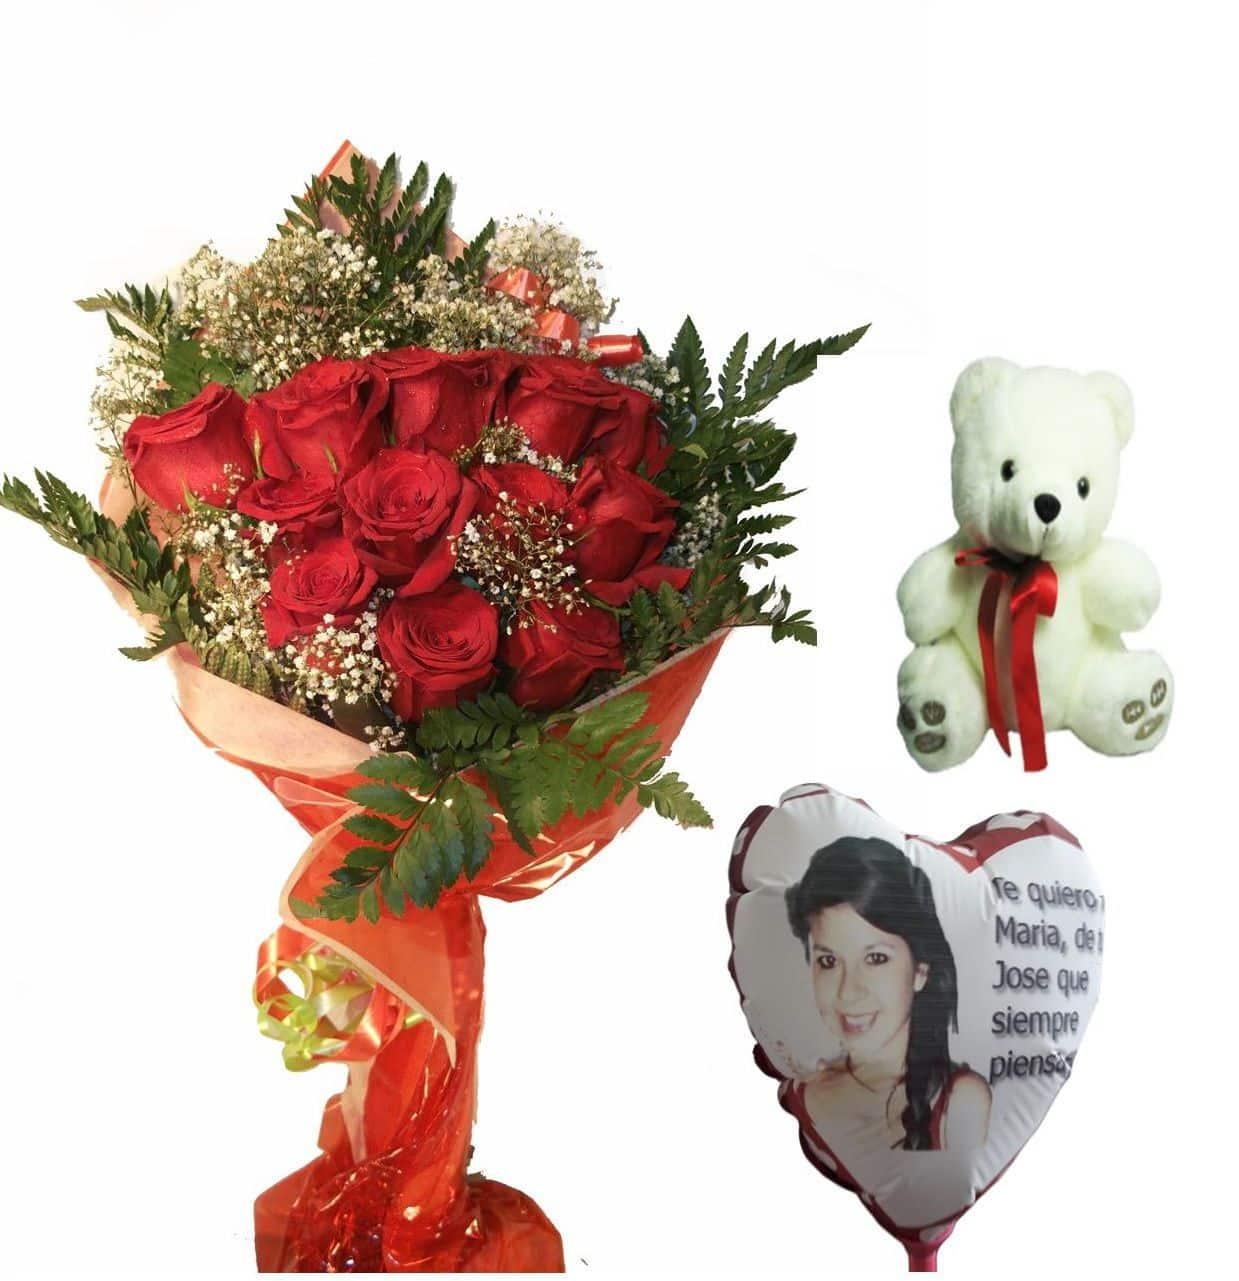 Envio de ramo de doce rosas a domicilio con peluche y globo personalizado